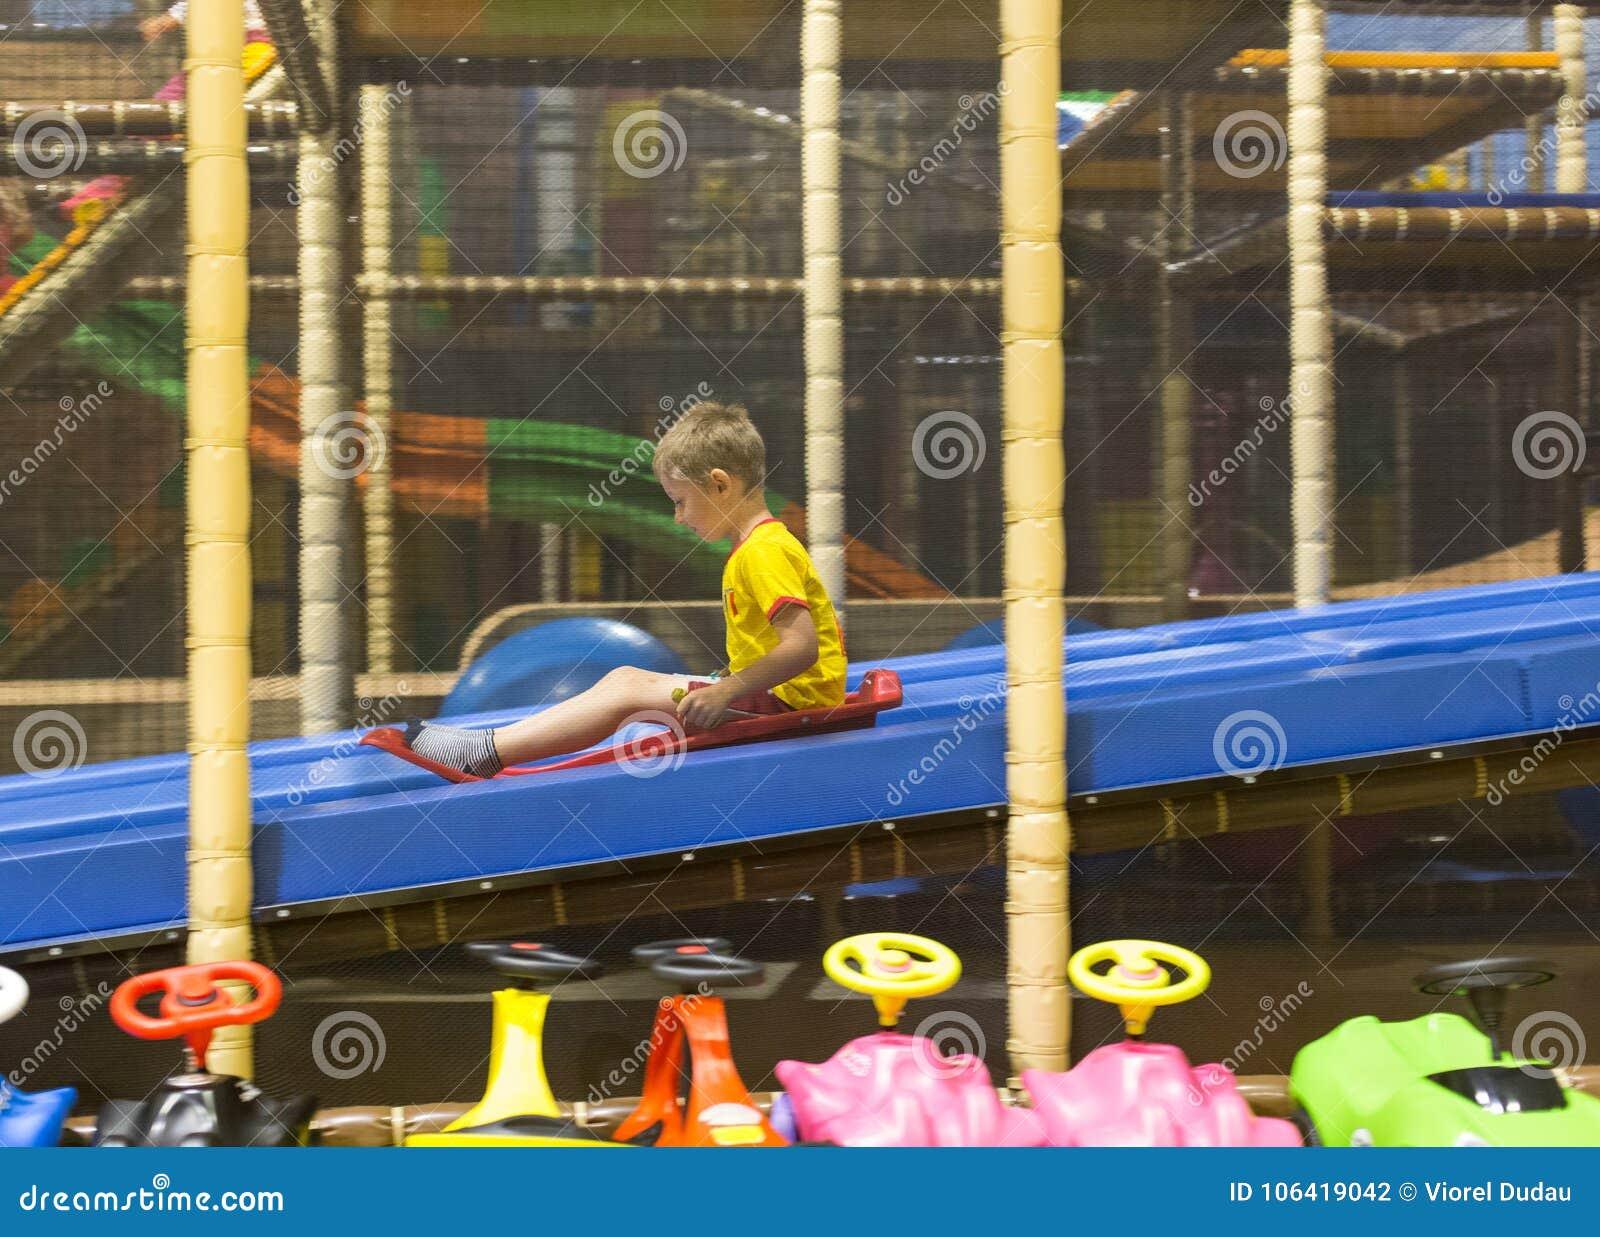 Boy sliding on playground